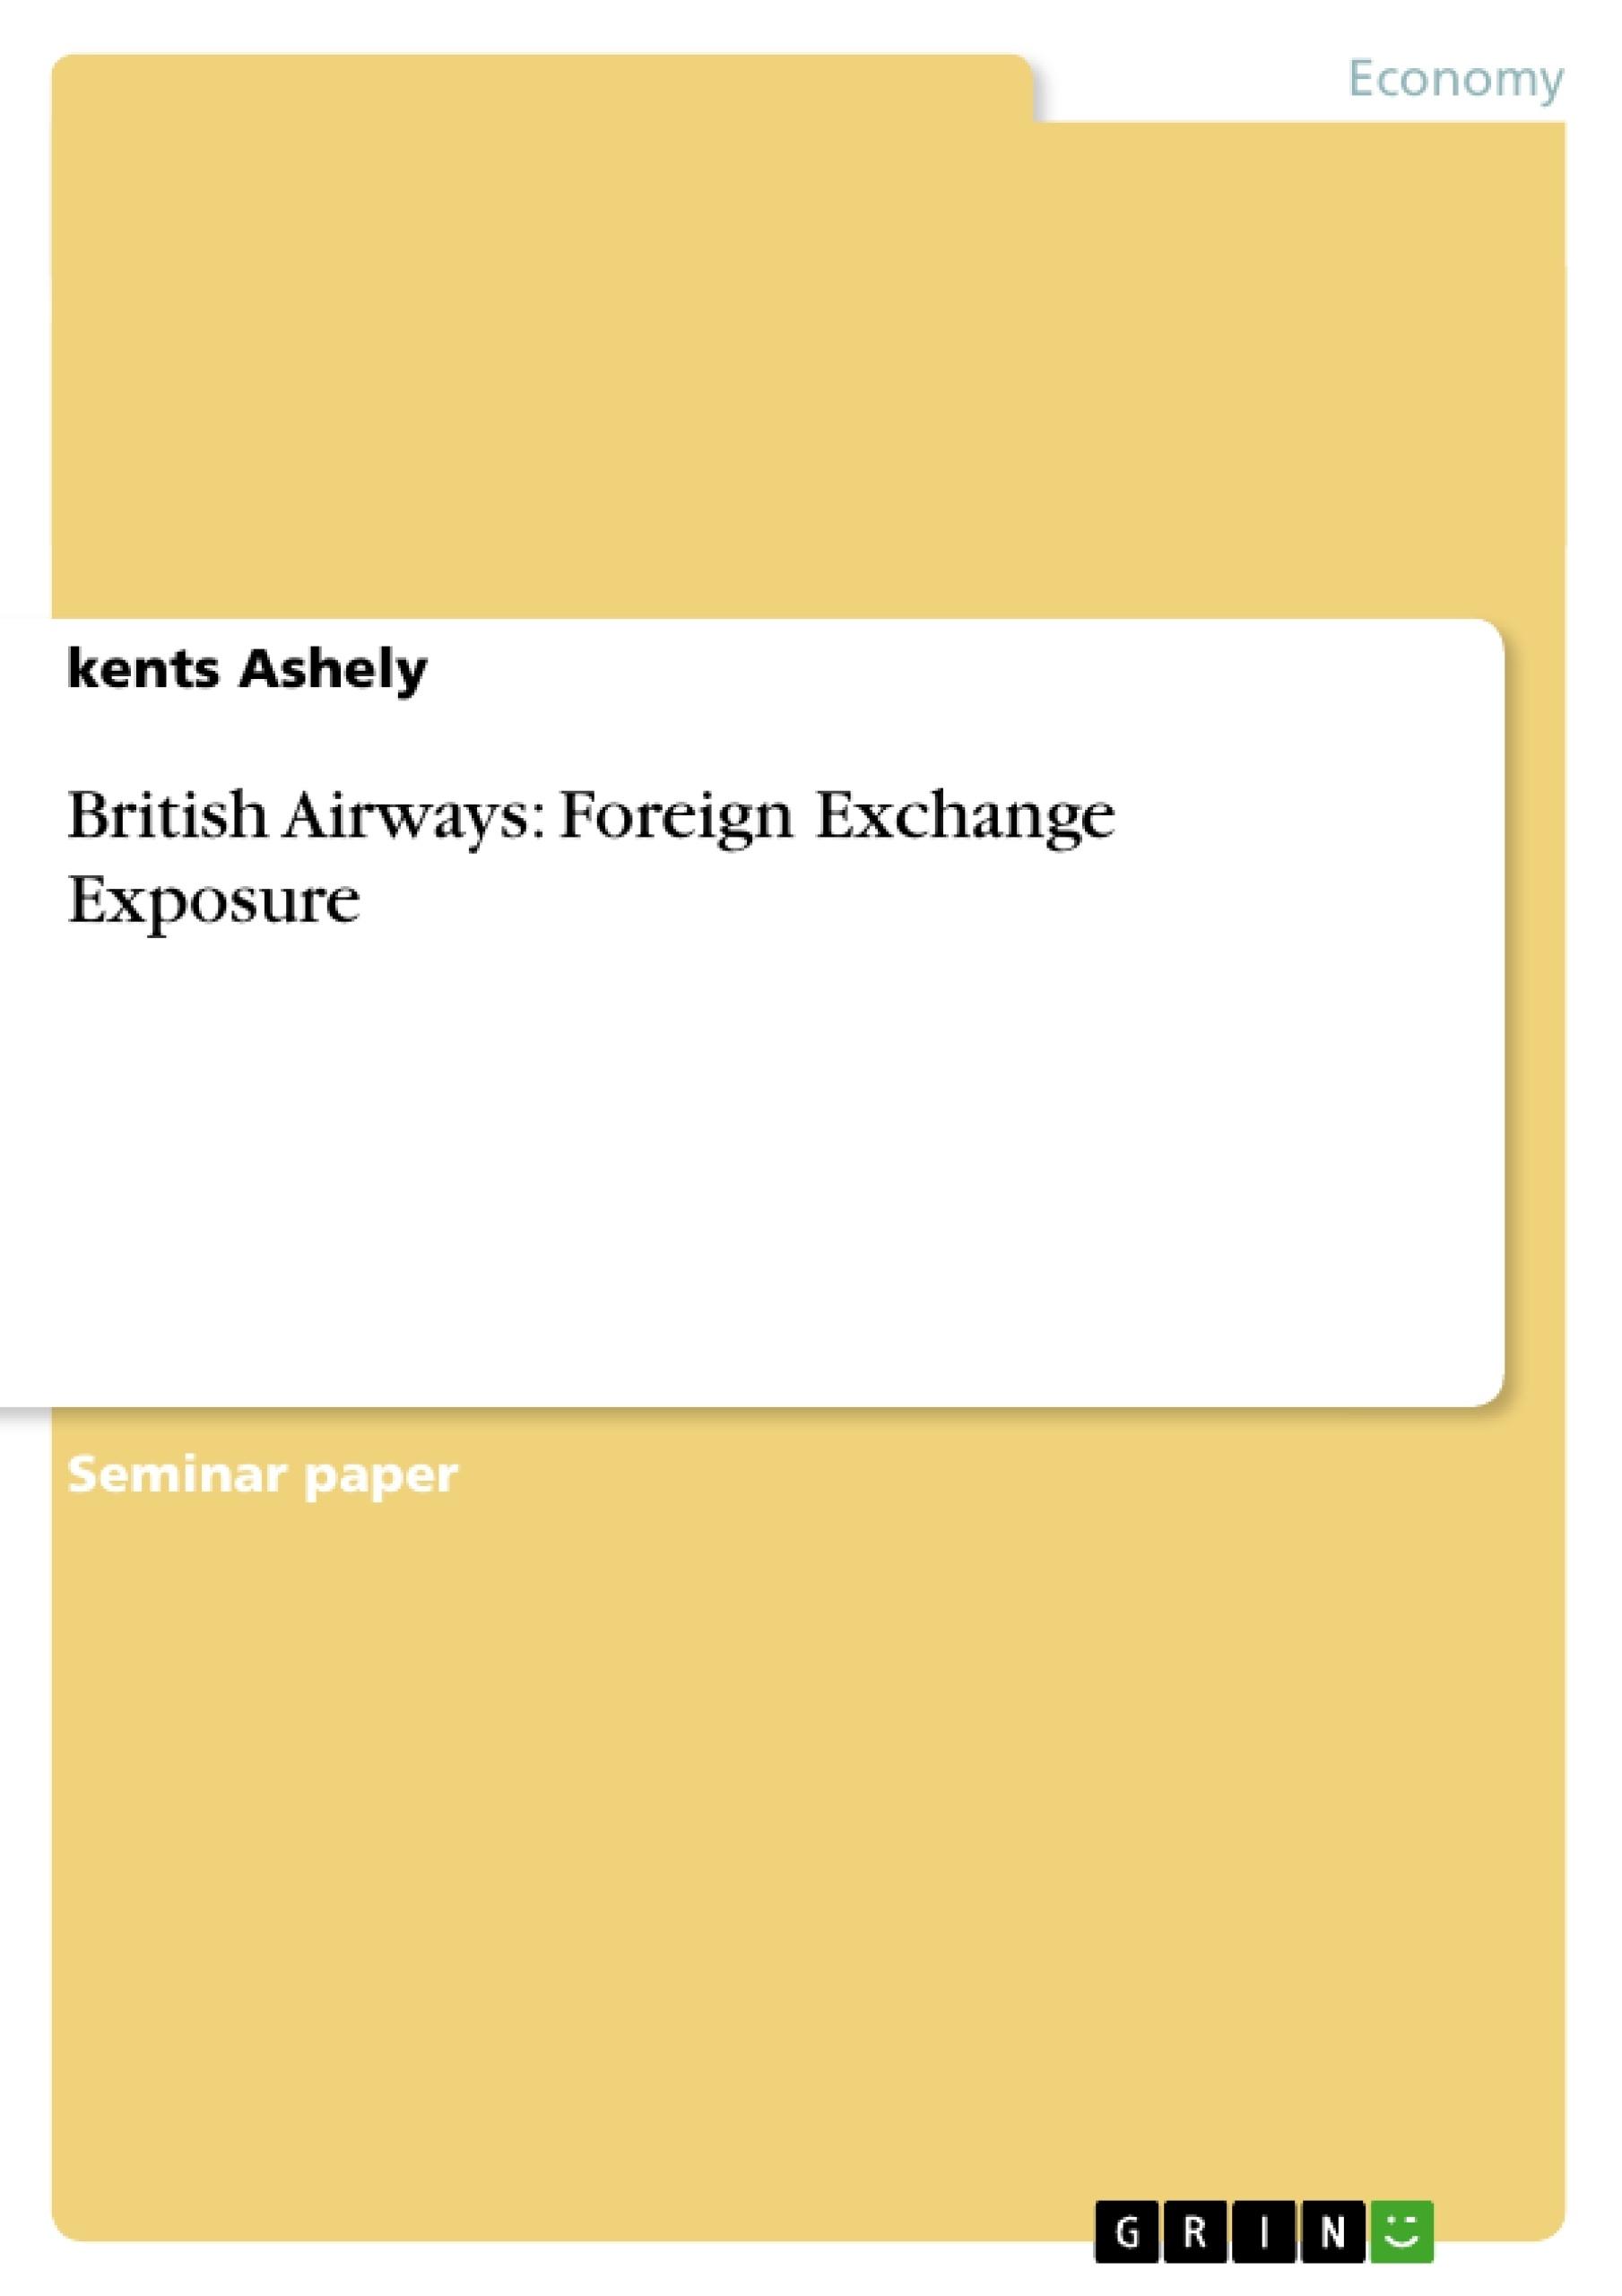 Title: British Airways: Foreign Exchange Exposure